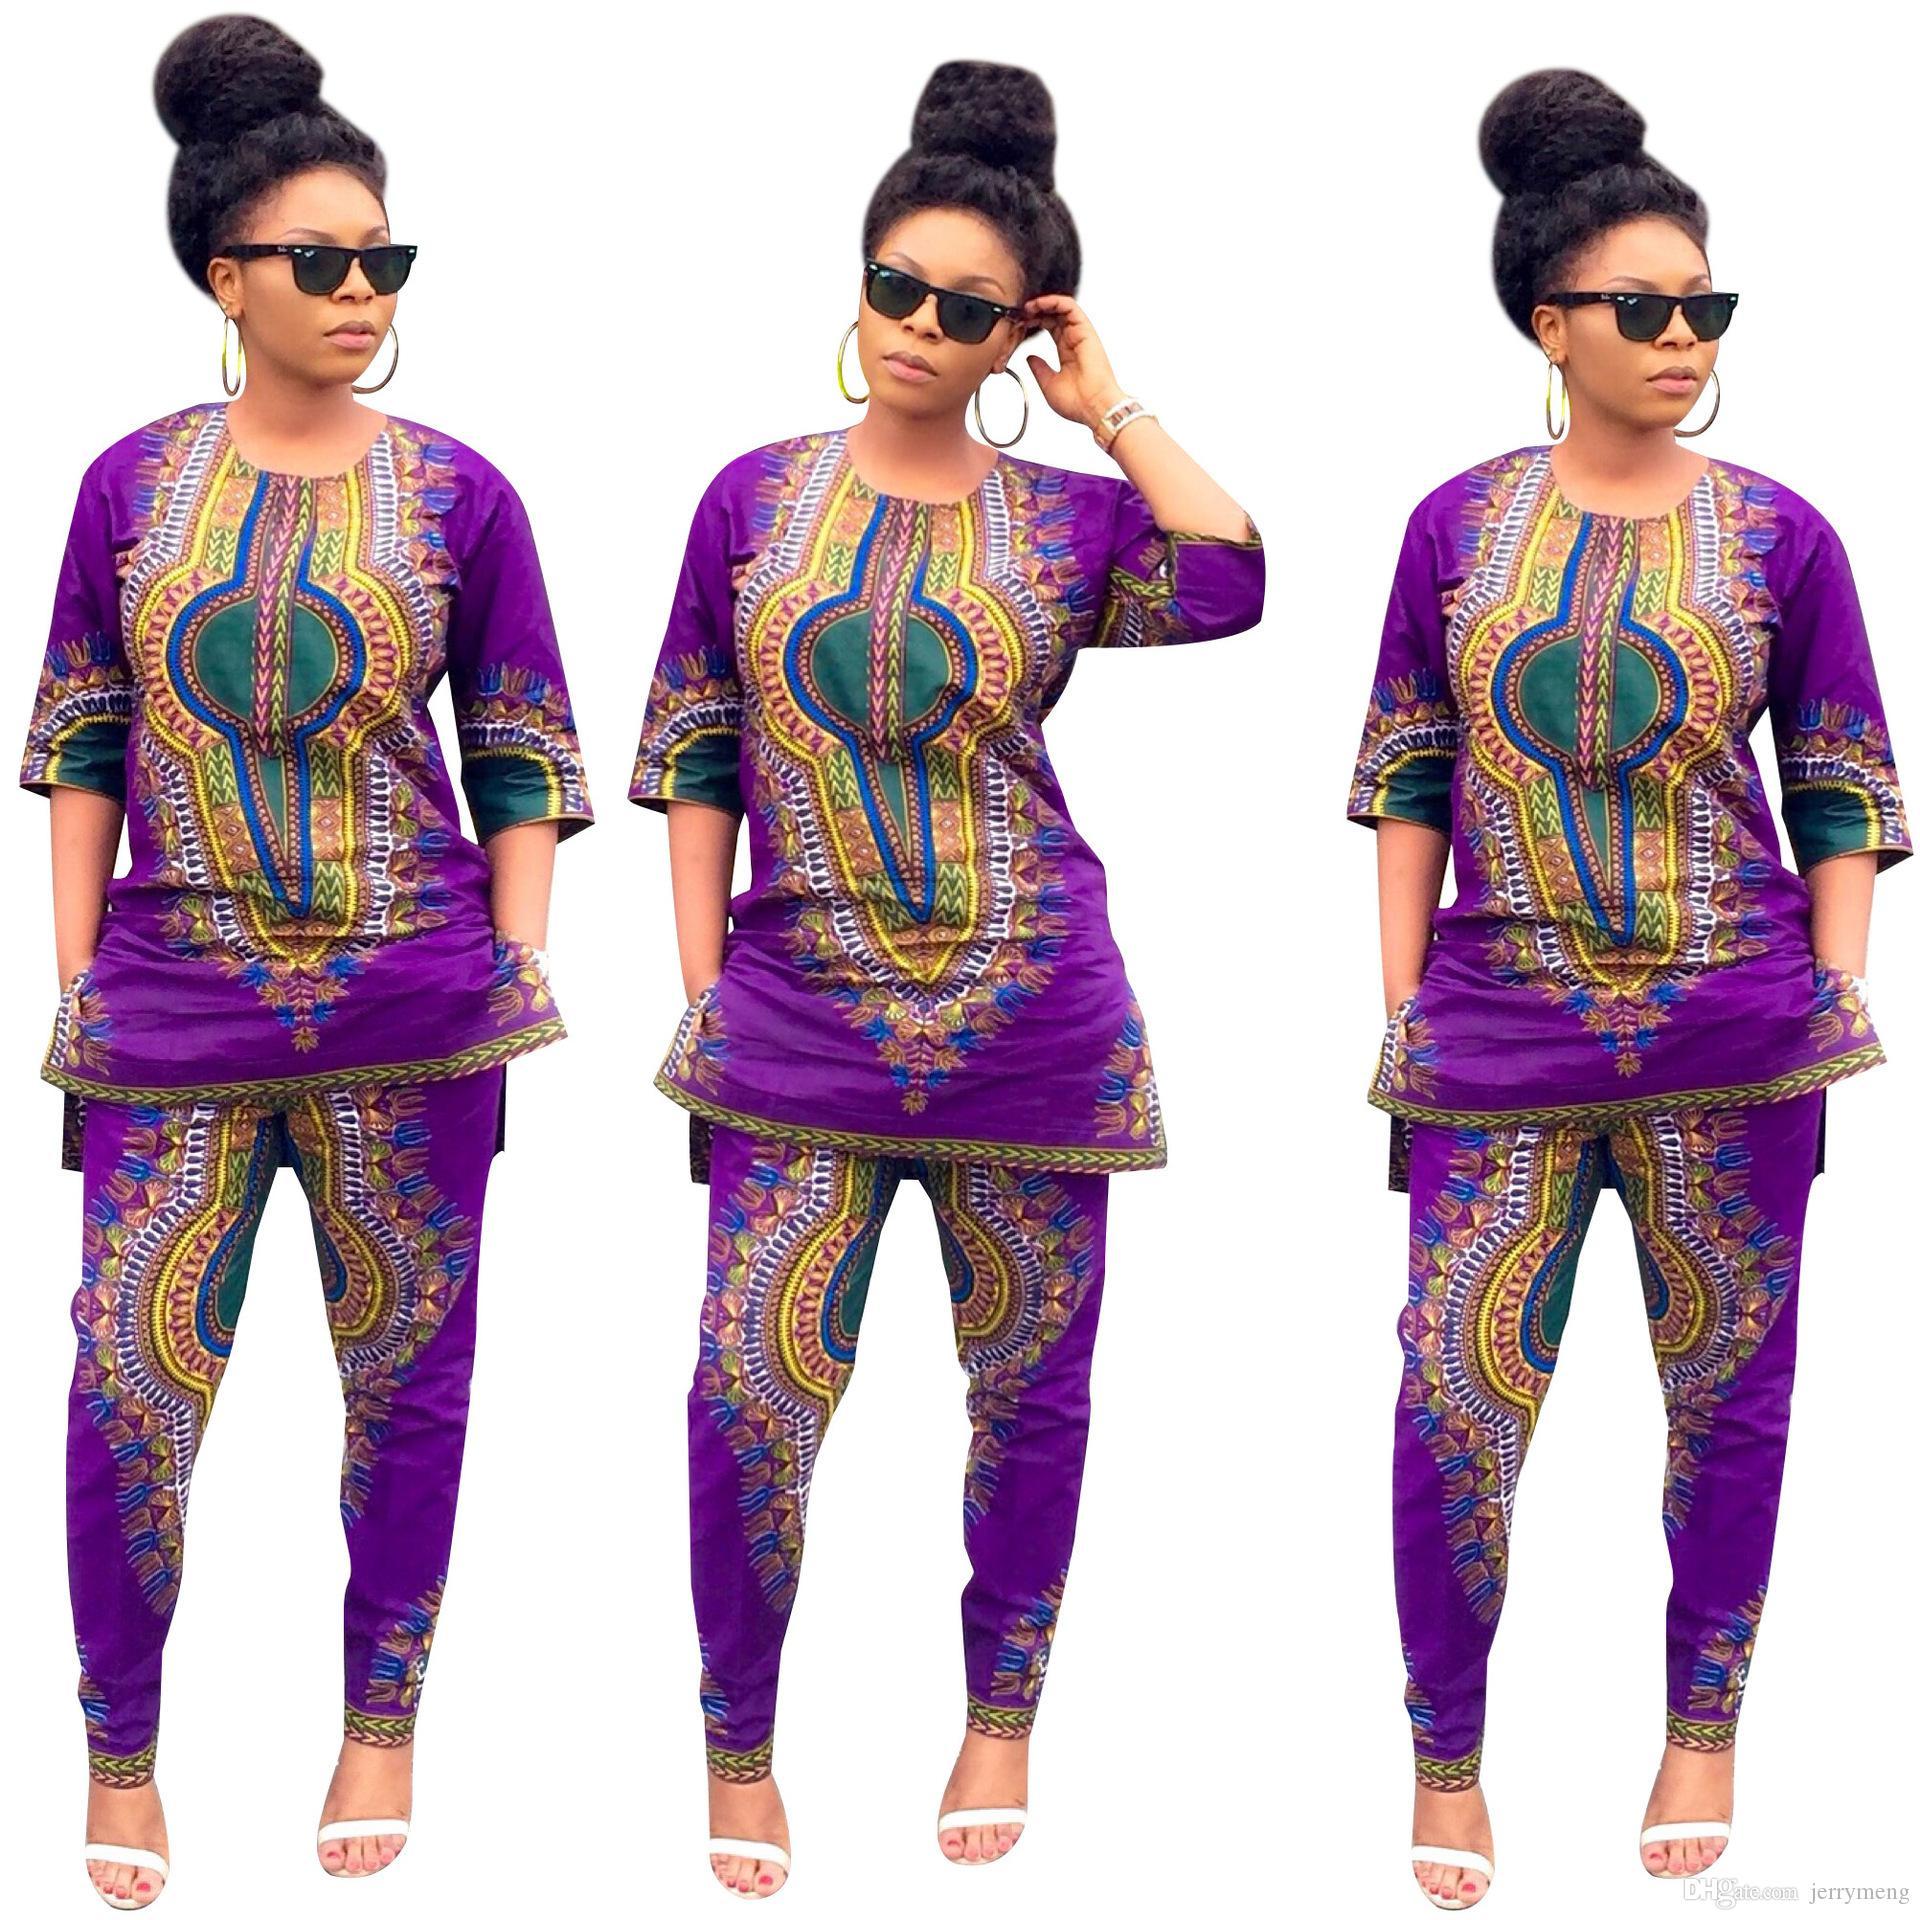 06e783ef2d5c28 Femmes Africaine Dashiki Imprimer Stretch Pantalon Blouse Moitié Manches  Tops Pantalon Costume 2 Pièce Ensemble Élégant Respirant Confortable ...